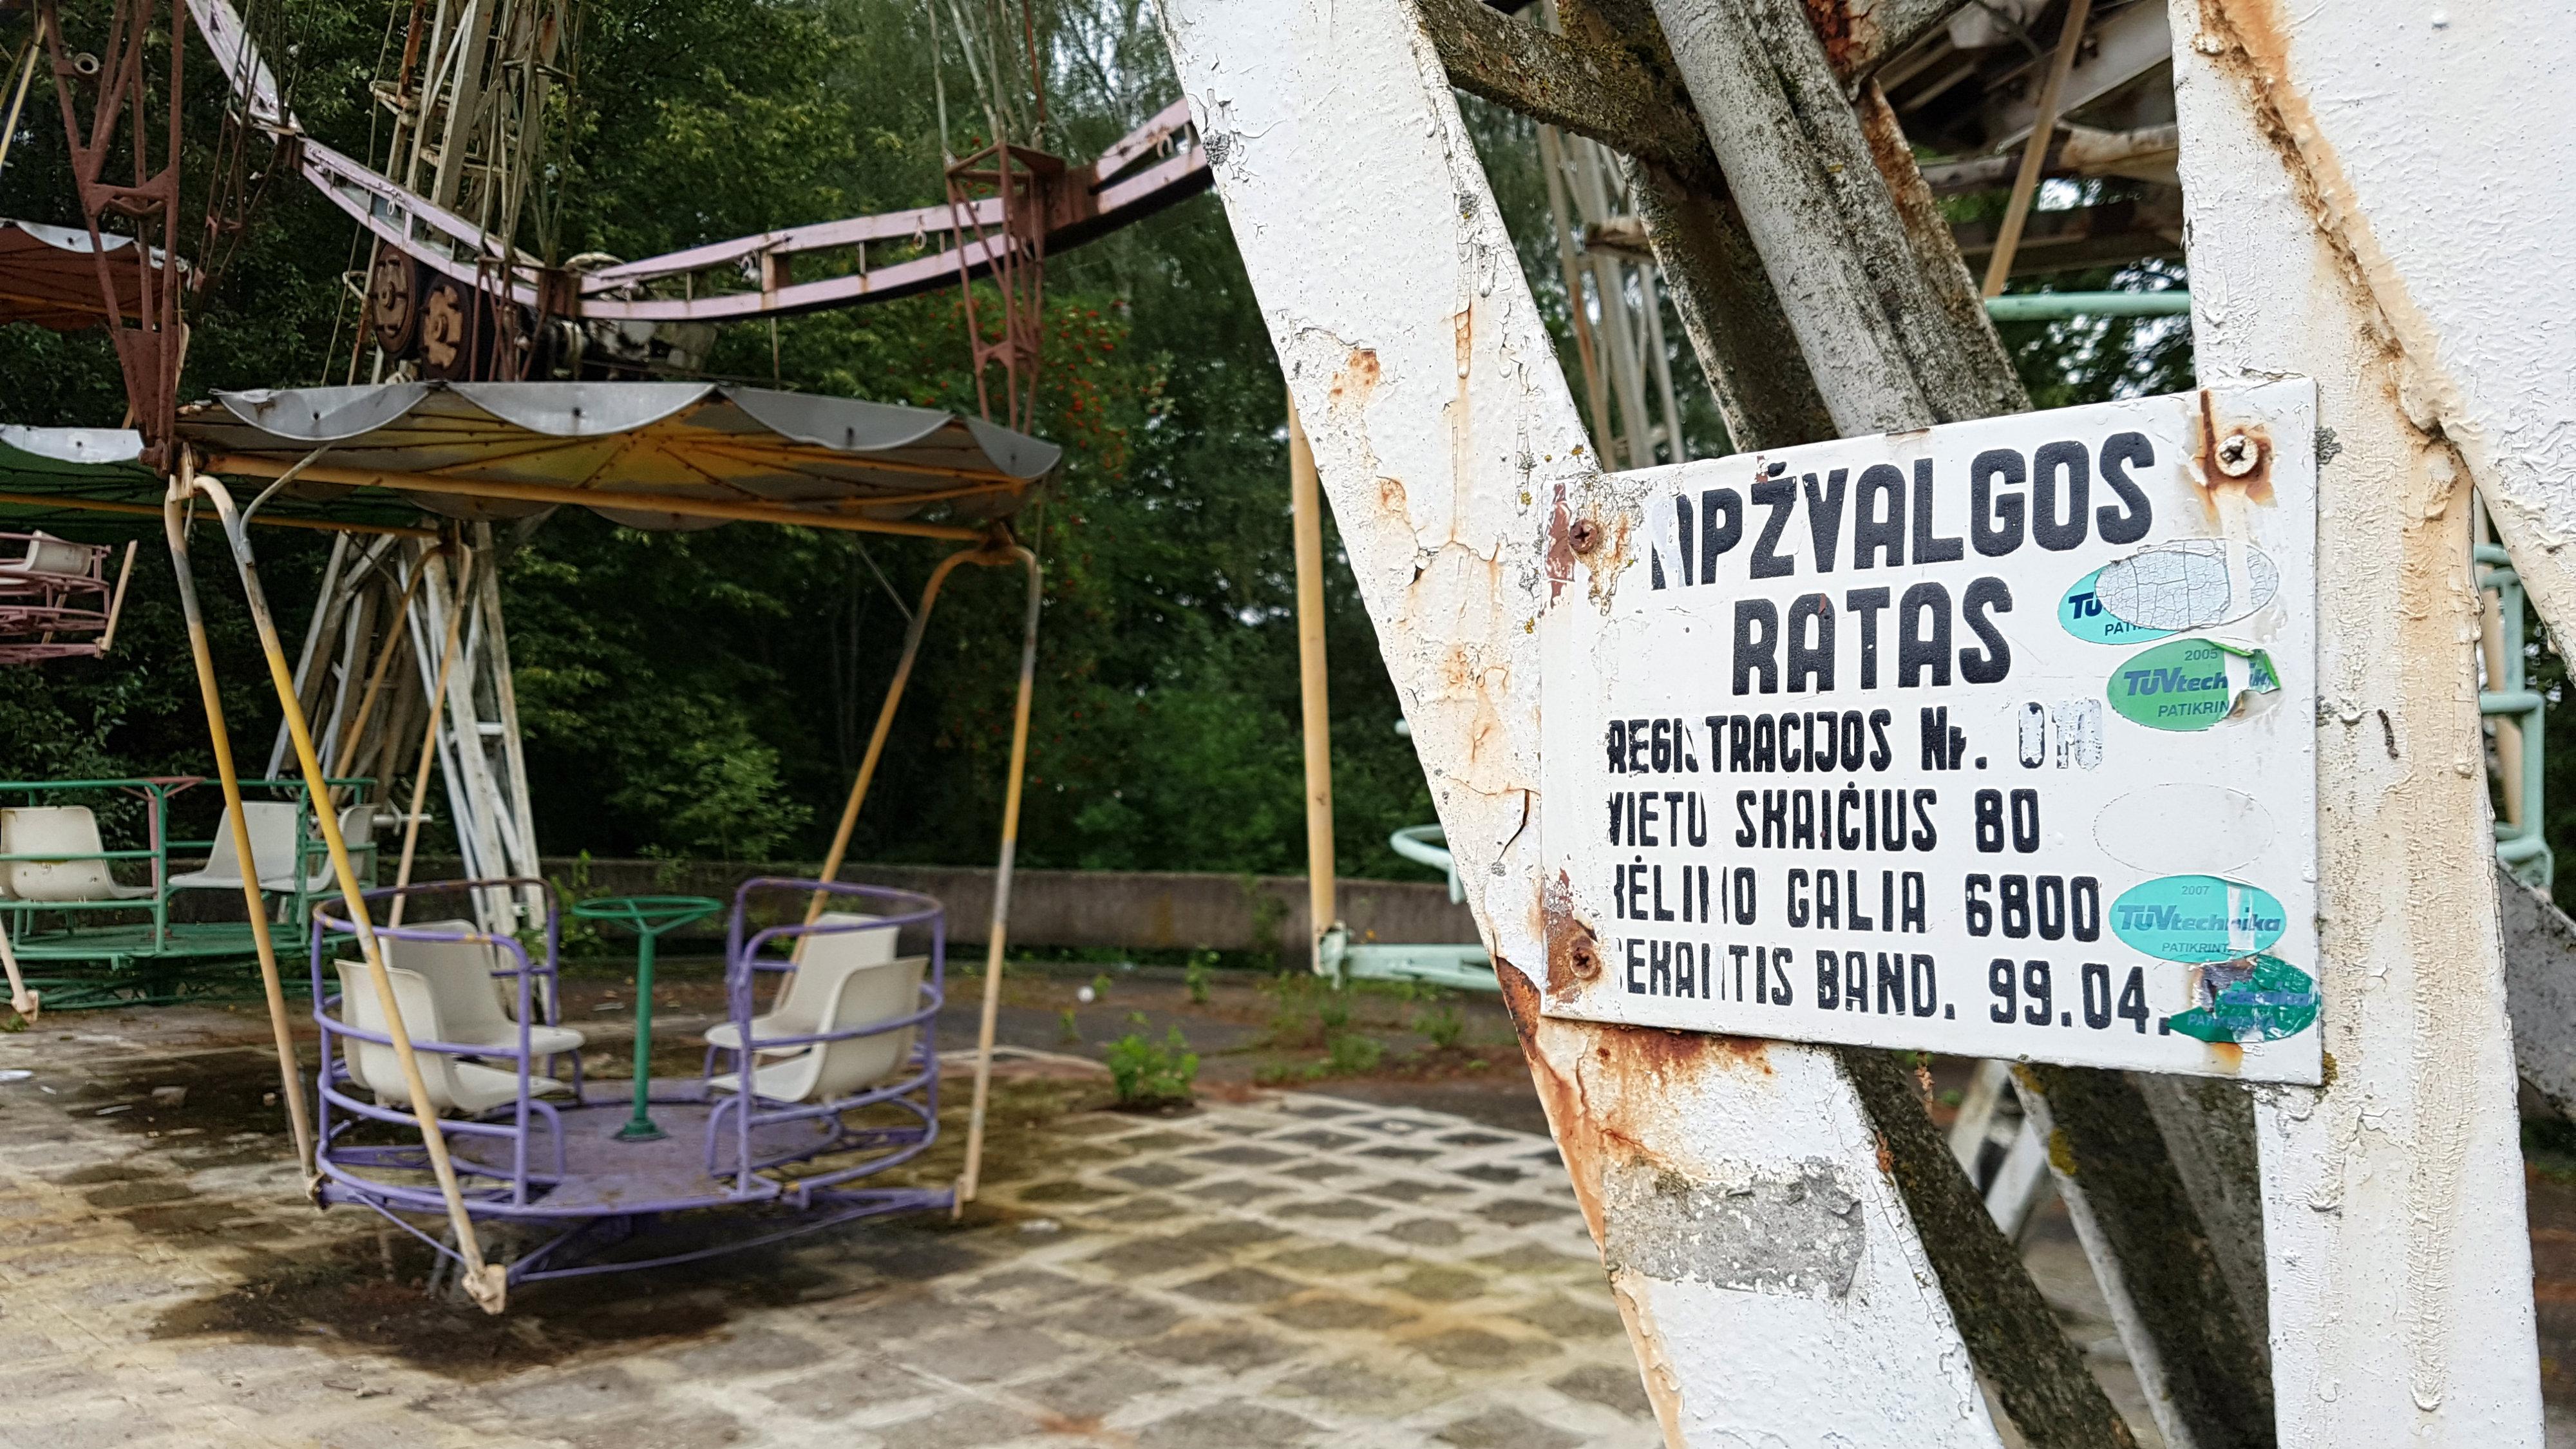 Apleistas atrakcionų parkas Elektrėnuose, į kurį užsukti nebėra dėl ko